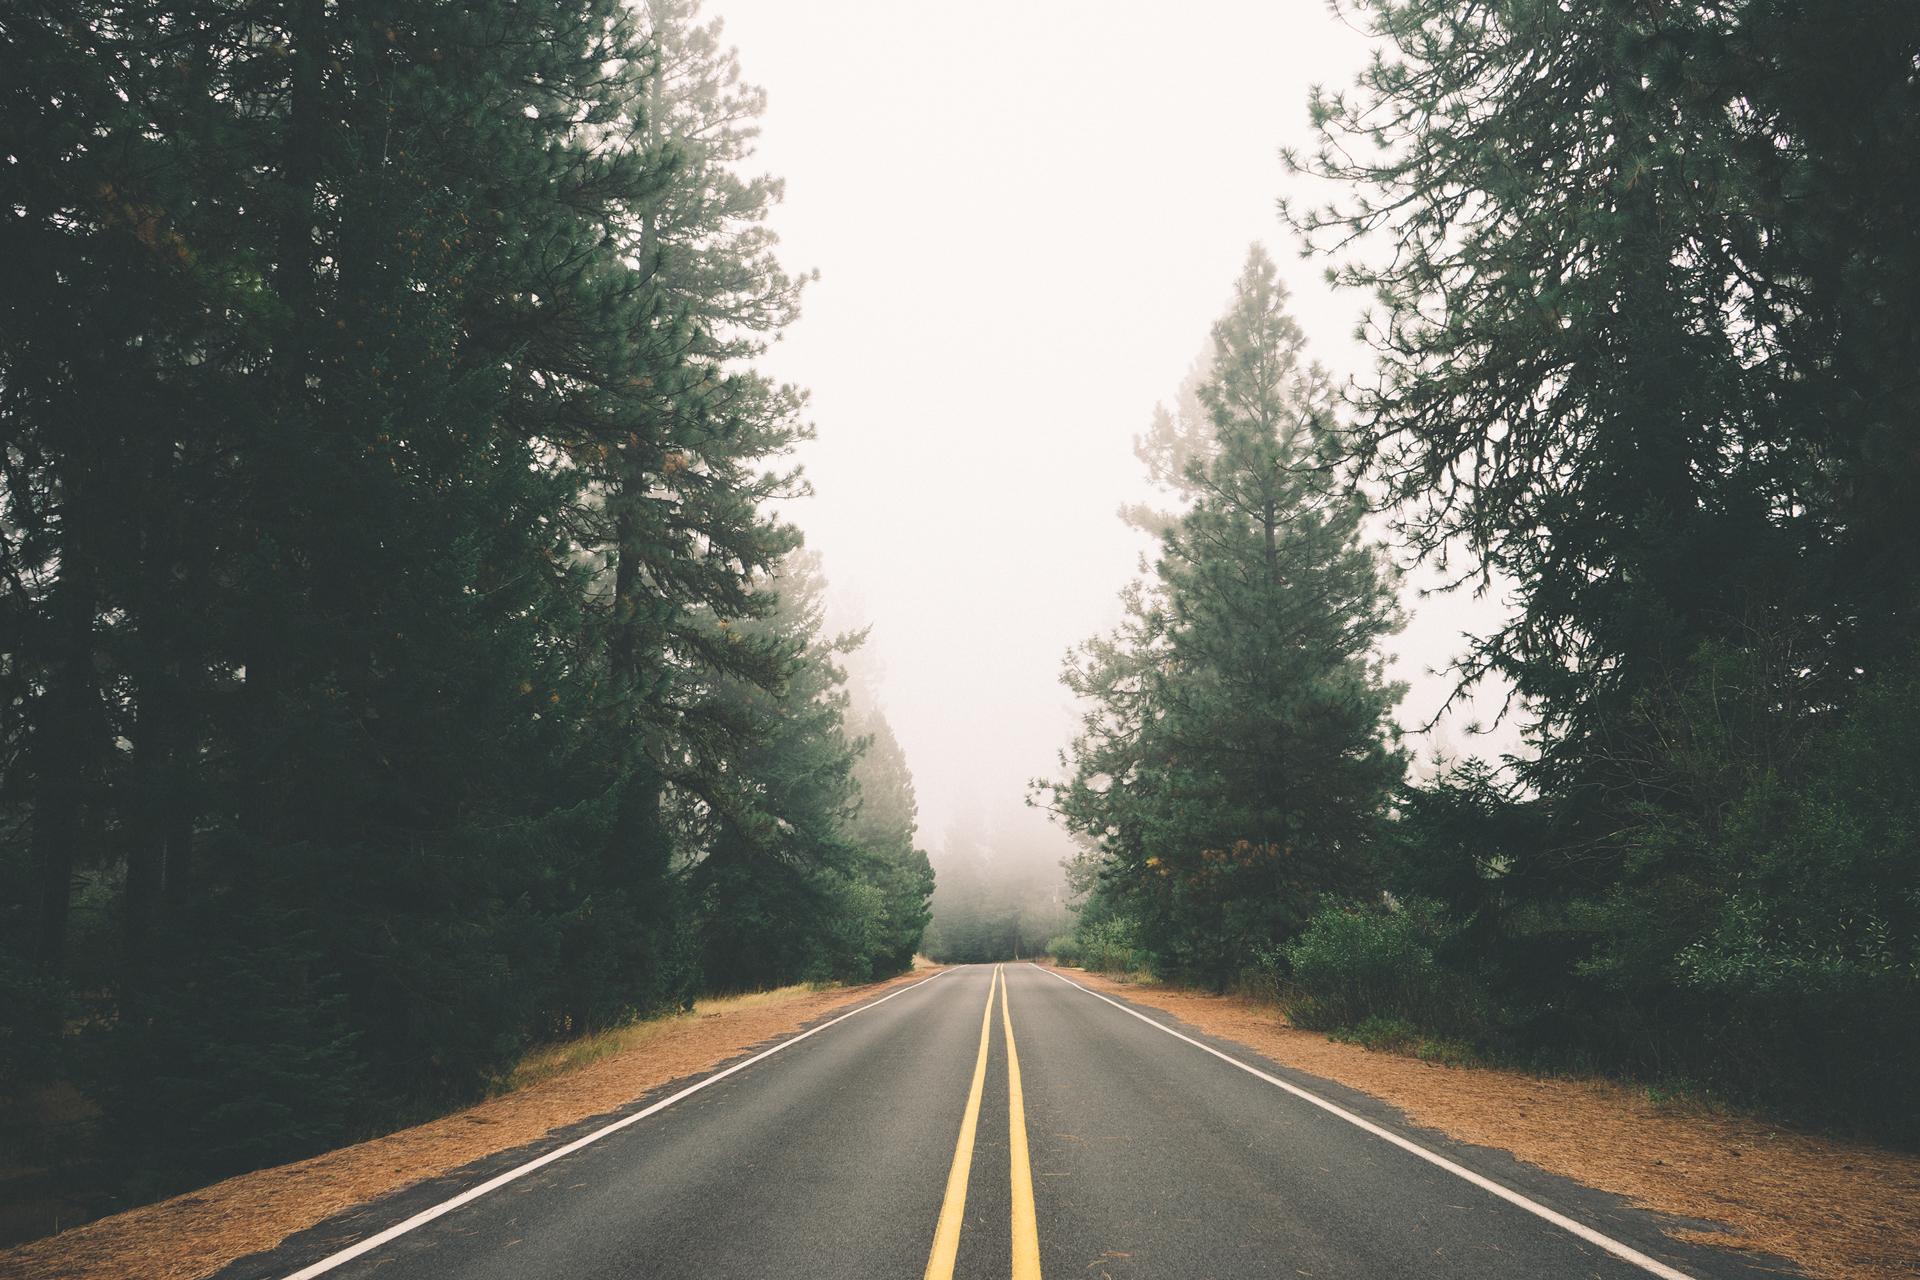 новая объездная дорога в одинцово схема